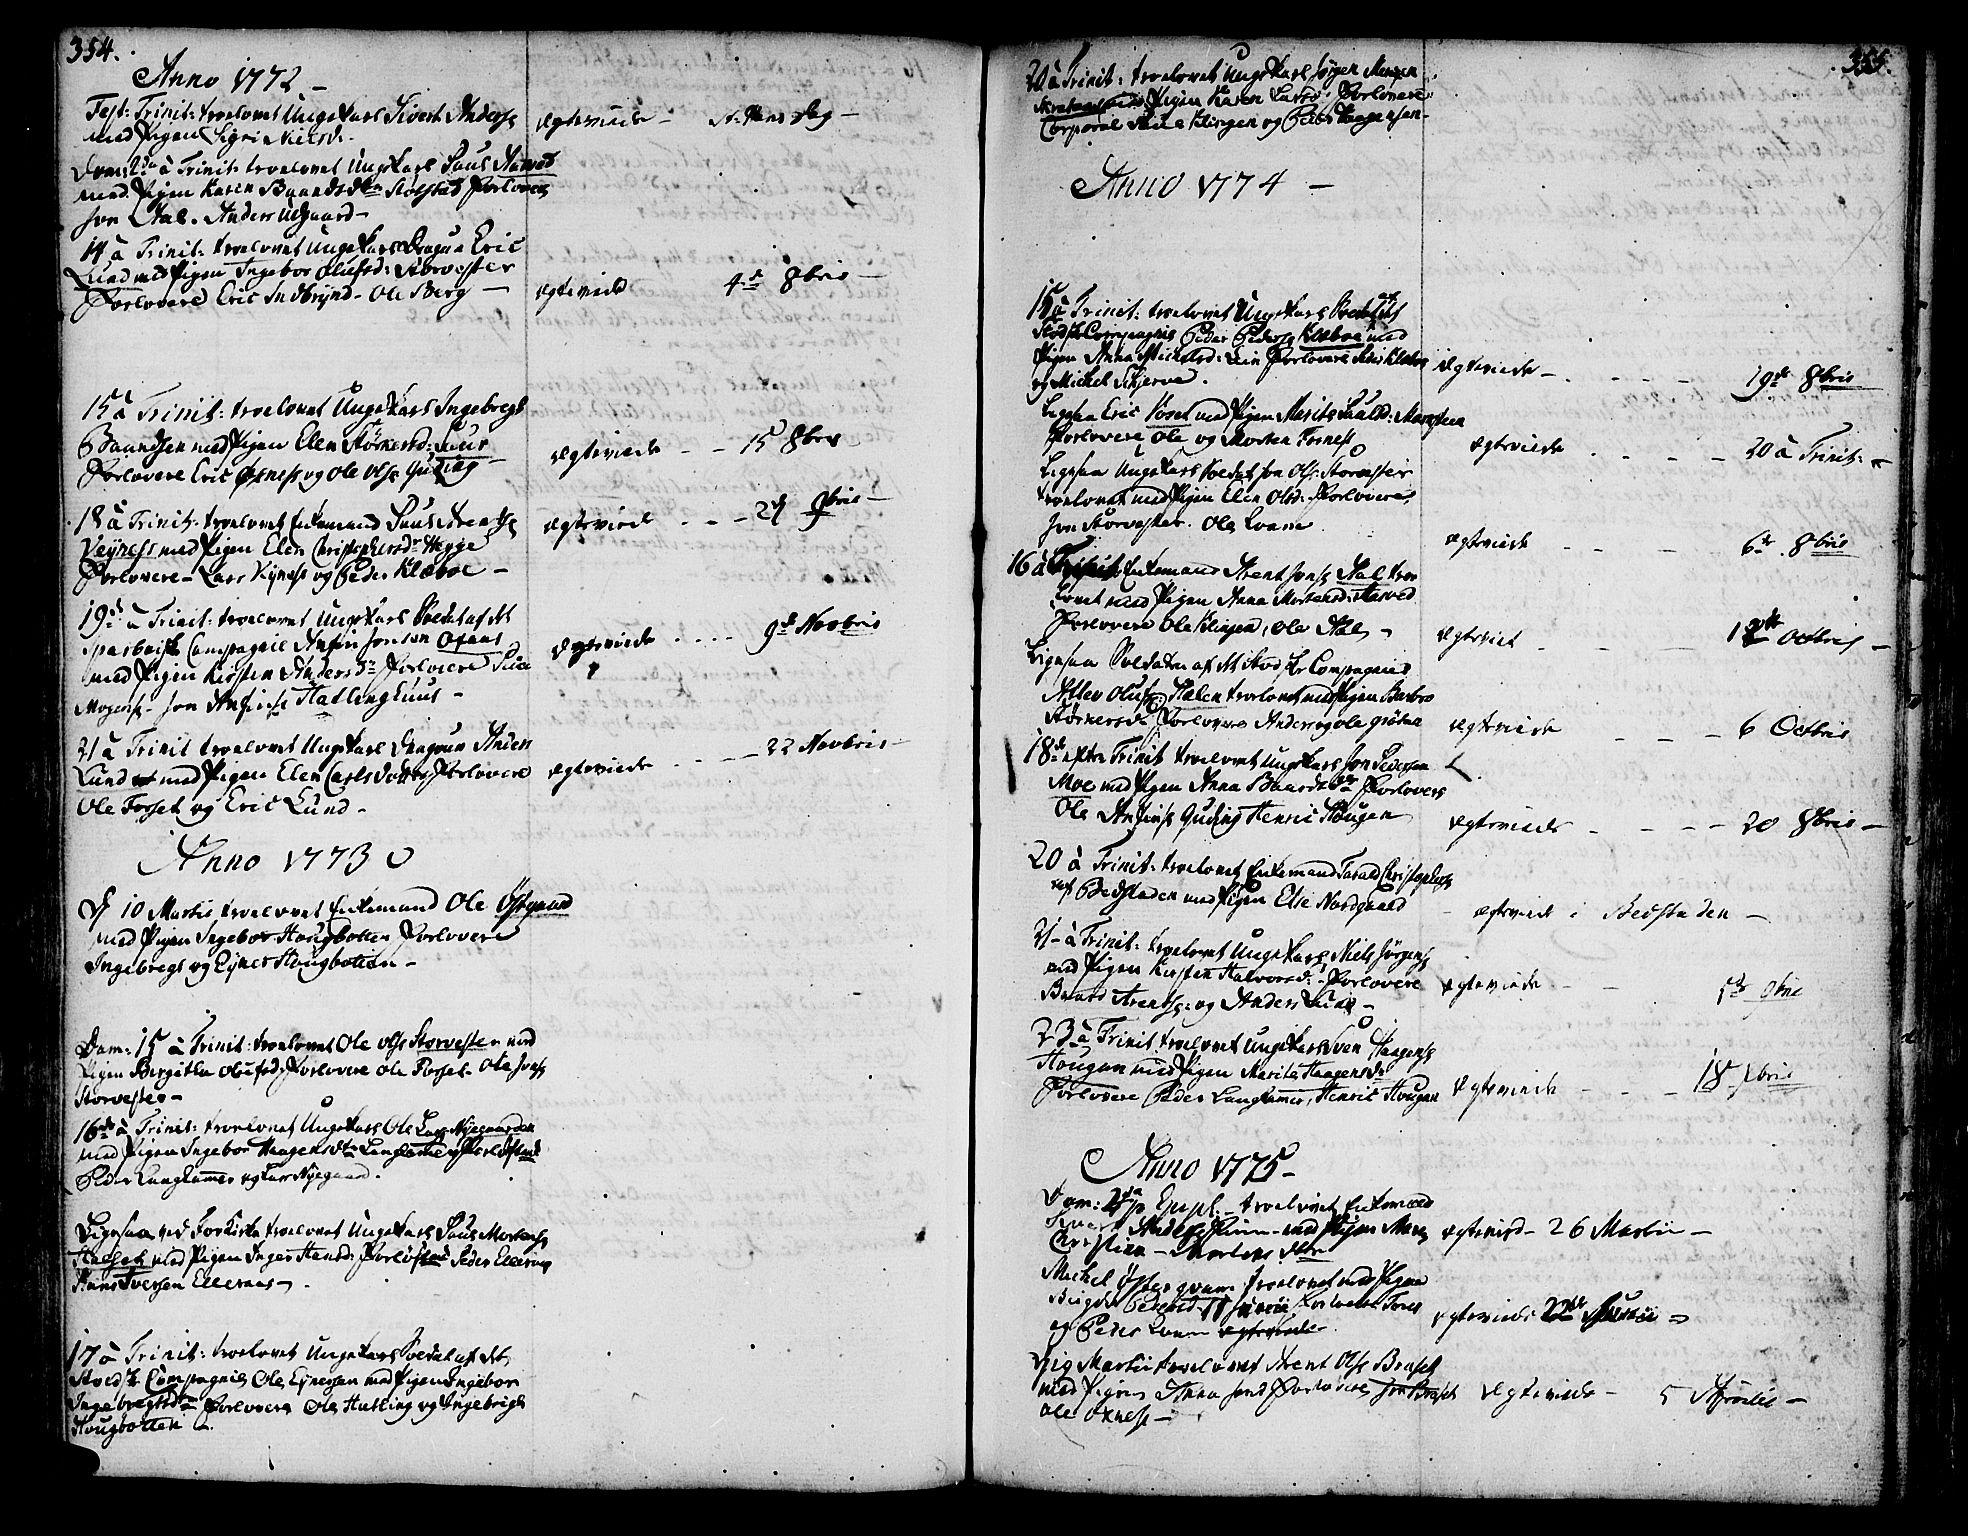 SAT, Ministerialprotokoller, klokkerbøker og fødselsregistre - Nord-Trøndelag, 746/L0440: Ministerialbok nr. 746A02, 1760-1815, s. 354-355